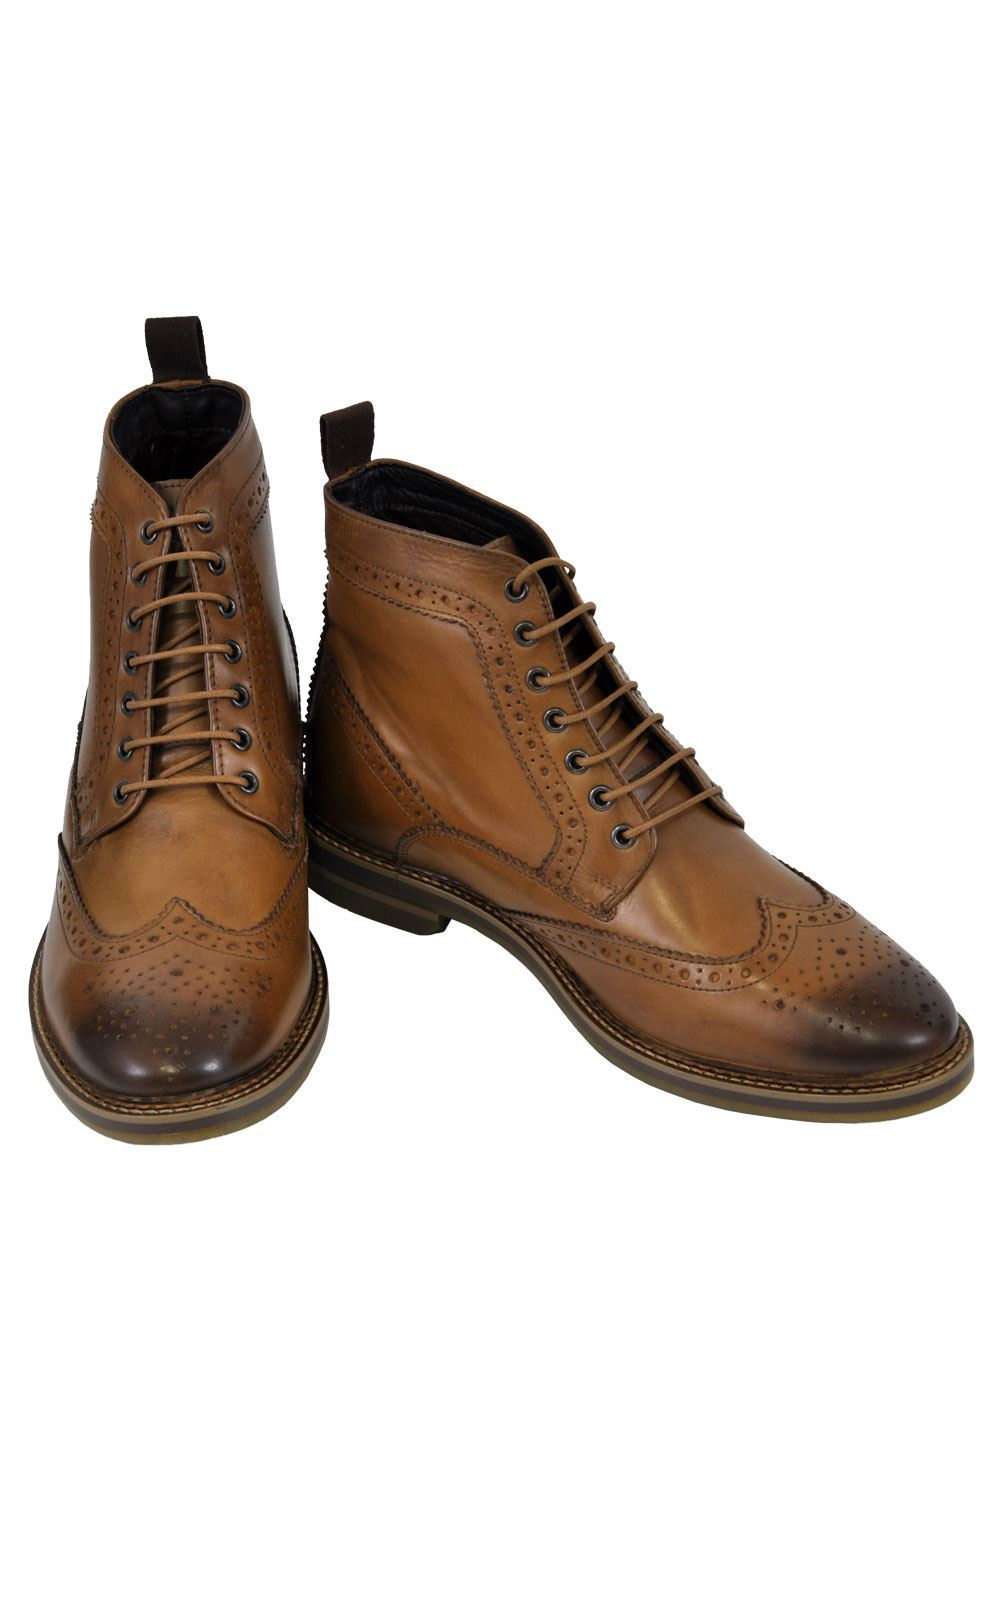 new product ef3af f606e Base London Boots Hurst Burnished